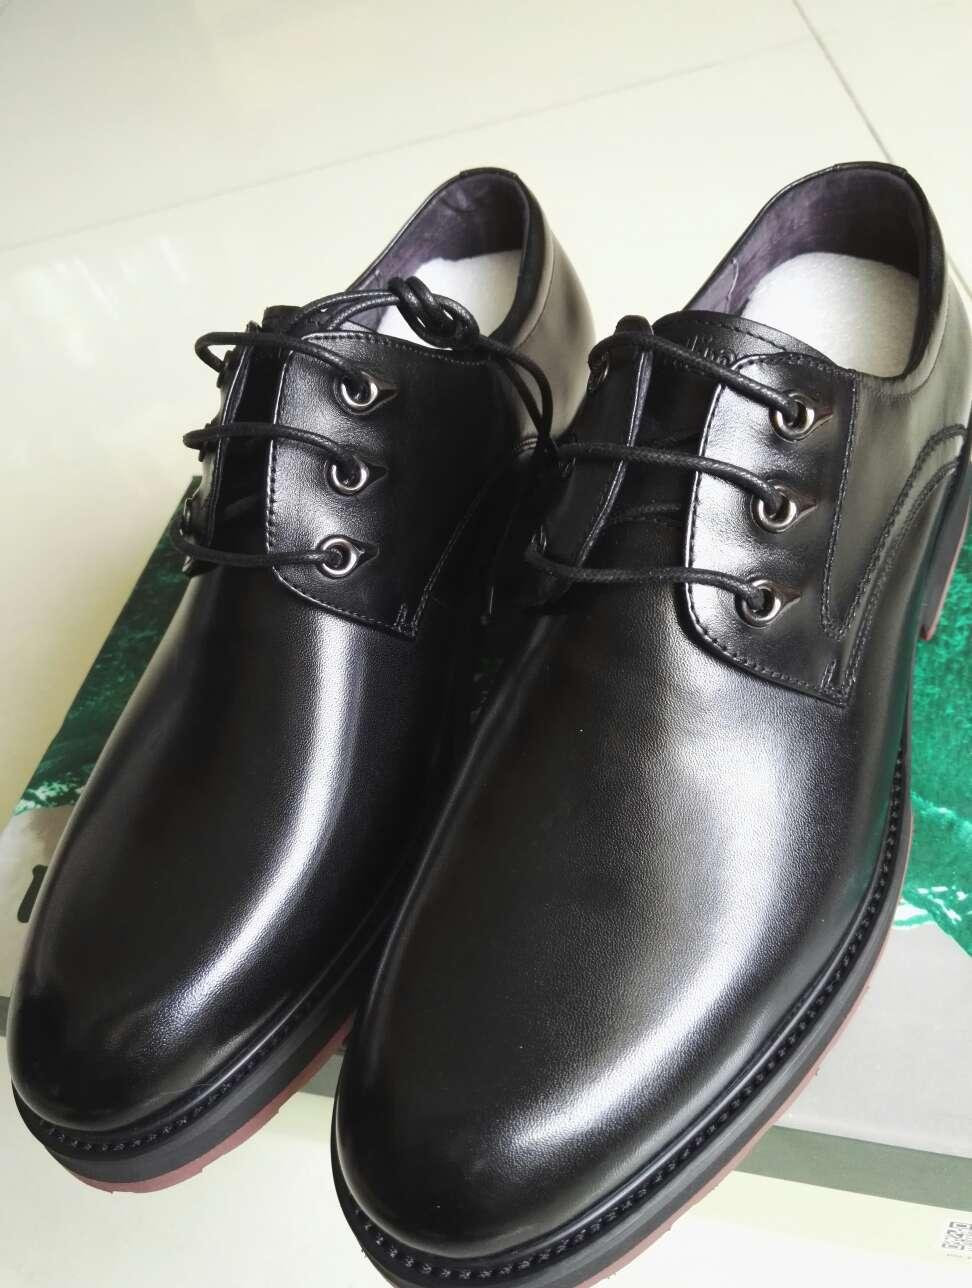 Chaussures assez atmosphérique, le travail n\'est pas mal.Le poids est modérée, le numéro de code légèrement.La semelle est relativement souple, élastique, mais légèrement plus dur dessus. air jordan black cat 4 airmax97 0917399 discountonlinestore